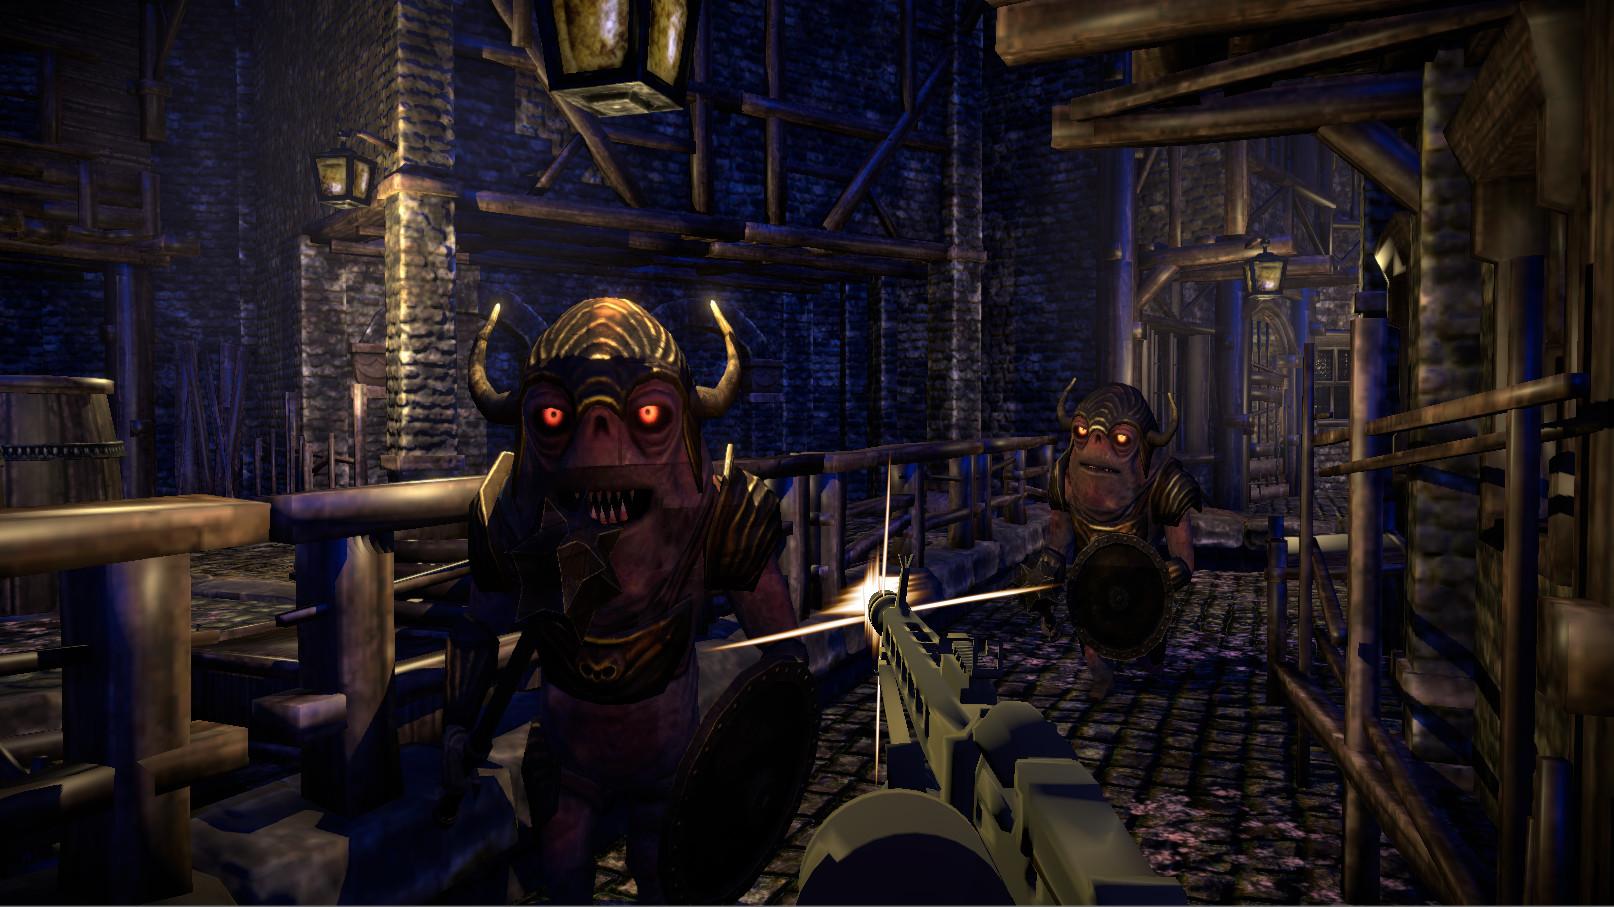 com.steam.819070-screenshot